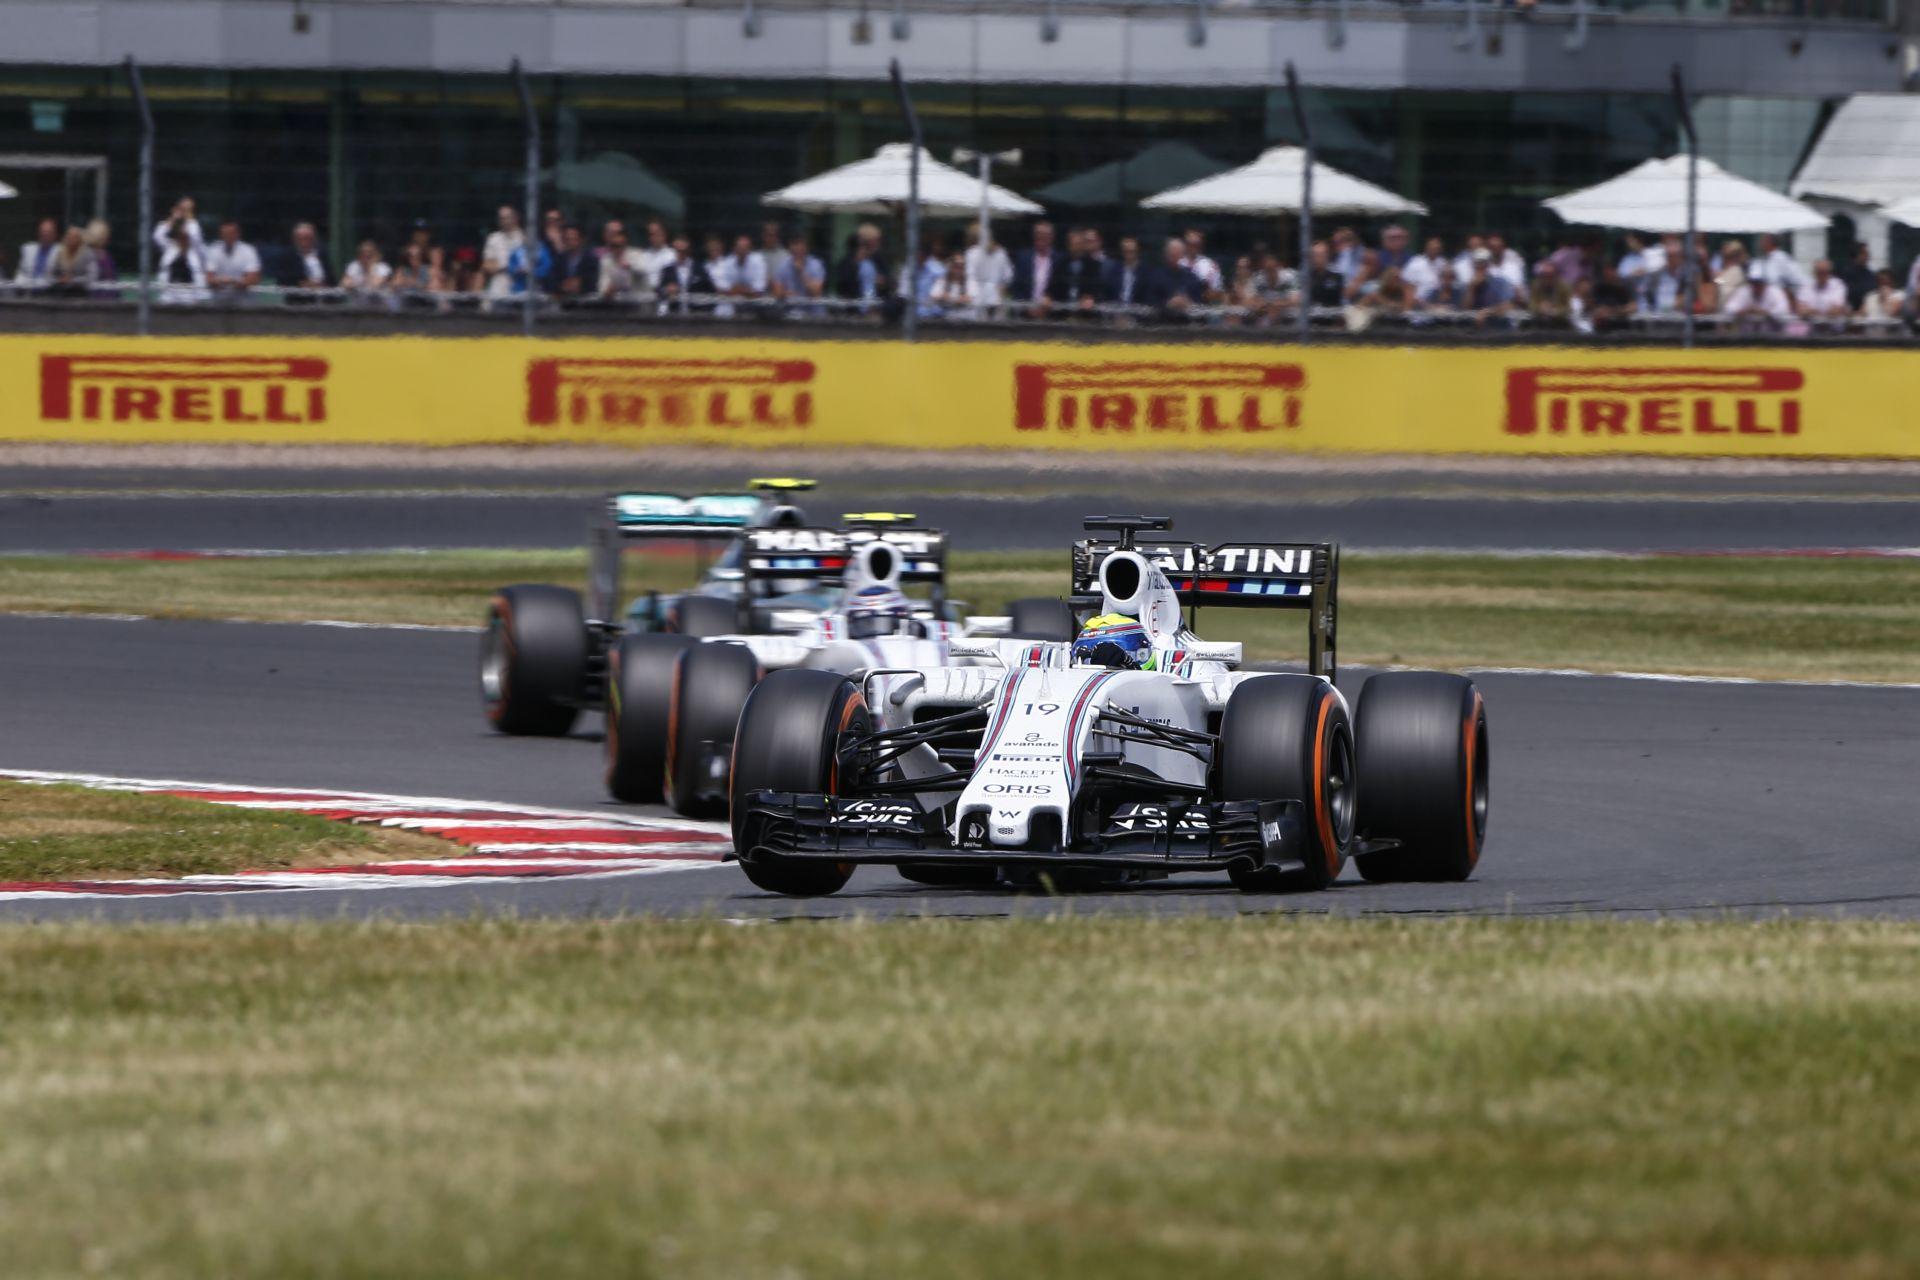 Bottas nézetből Massa szenzációs startja: Állva hagyta a Mercedeseket a kis brazil